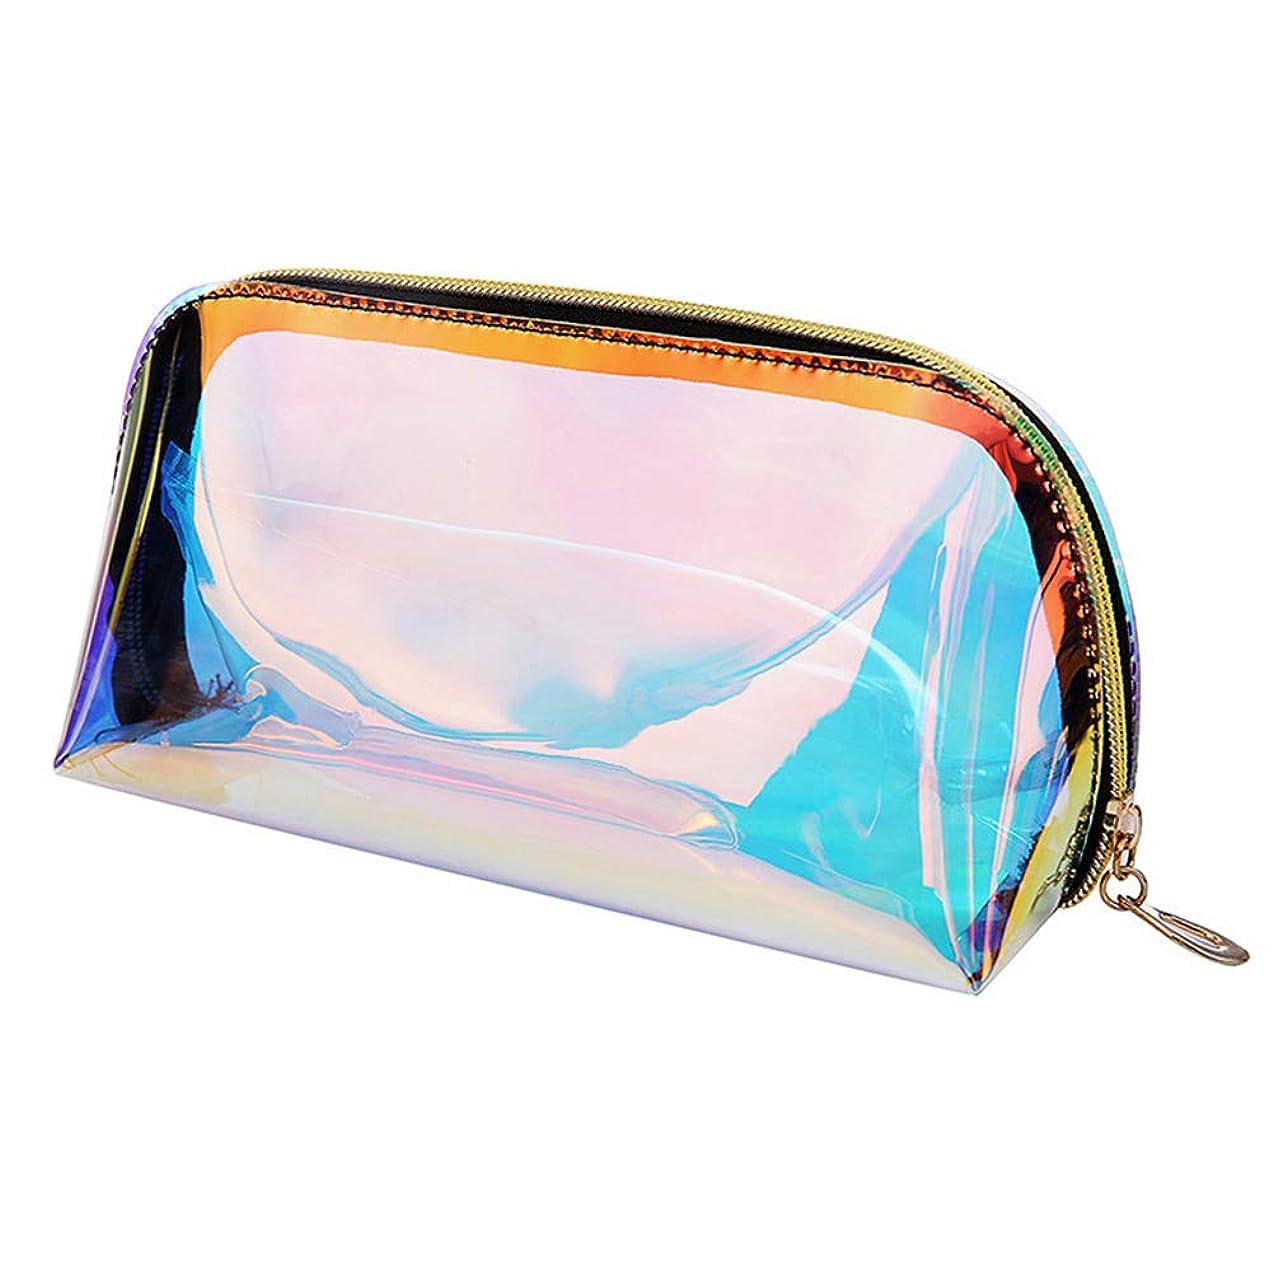 日付政府最も早いBesttoyコスメティックバッグ、ホログラフィックカラー透明収納バッグ、大容量、コスメティックバッグ、防水および防塵、鉛筆ケース、サングラス収納ボックスまたは財布、軽くて持ち運びに便利